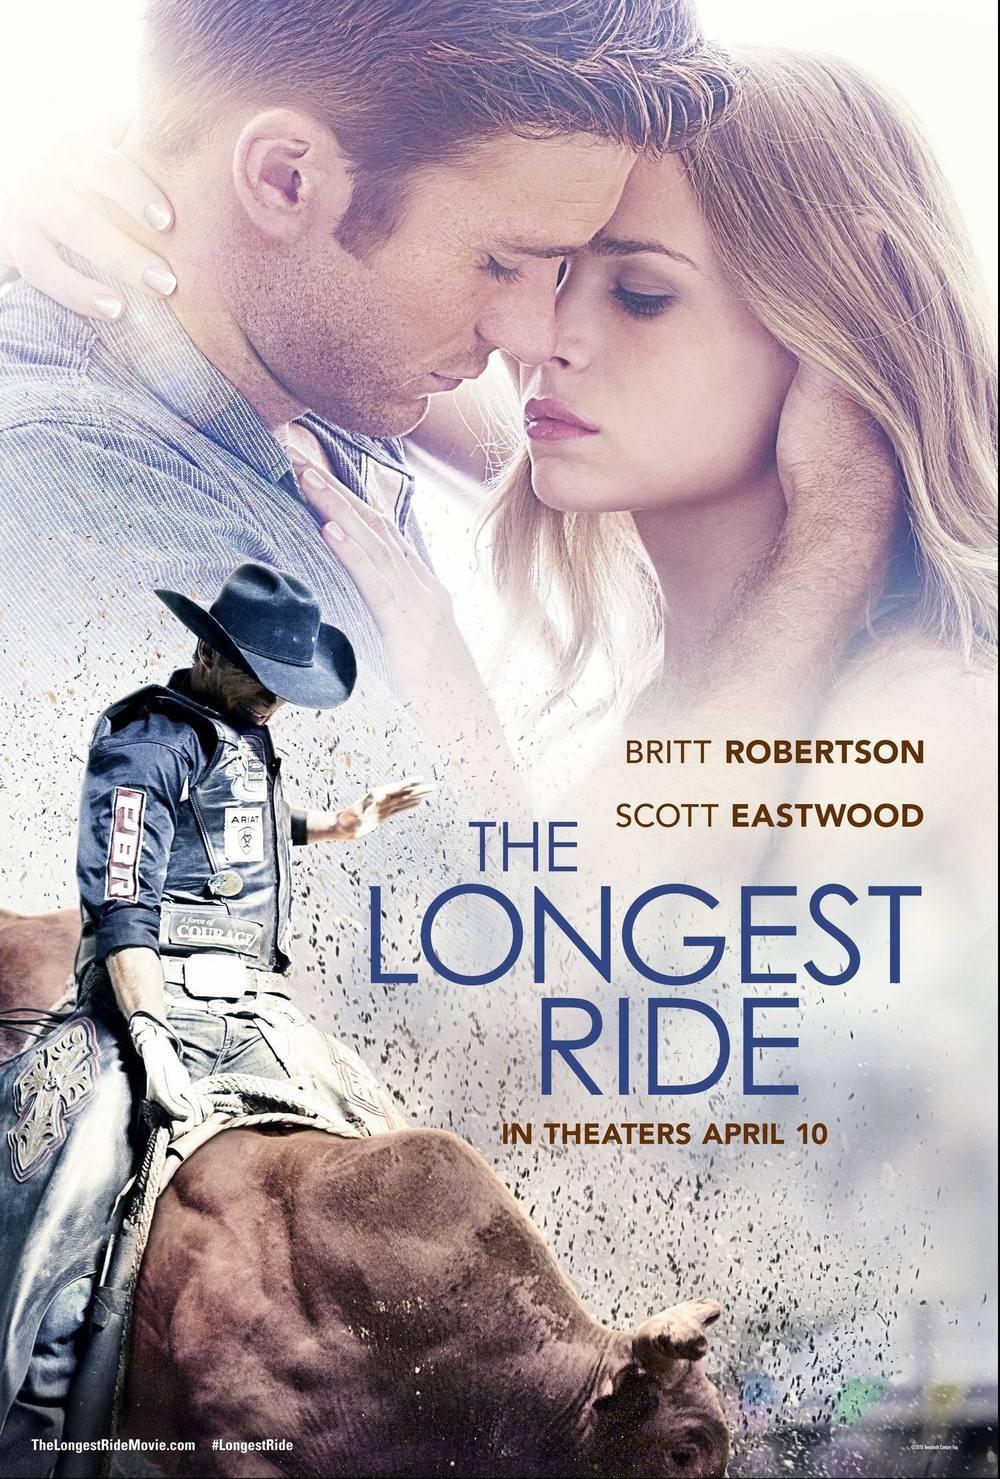 Longest ride release date